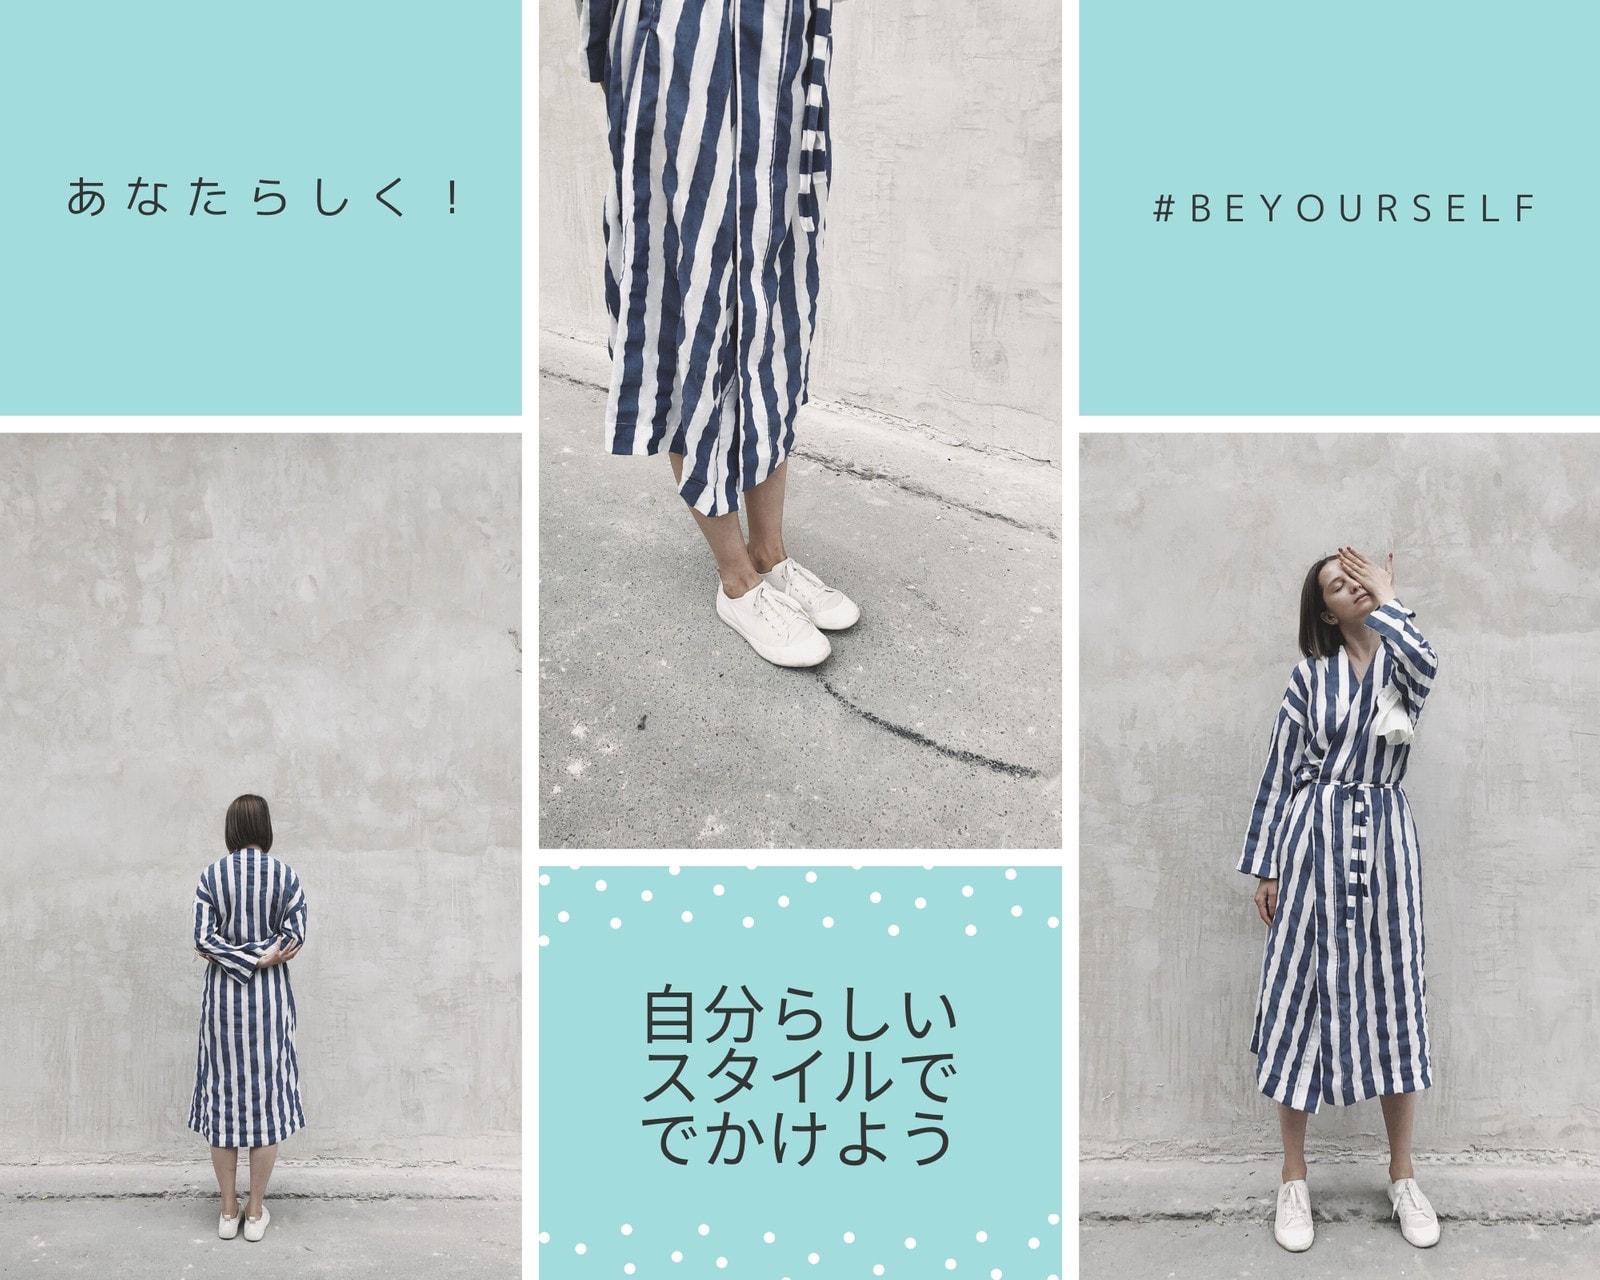 水色と白 グリッド 今日のファッション 写真コラージュ